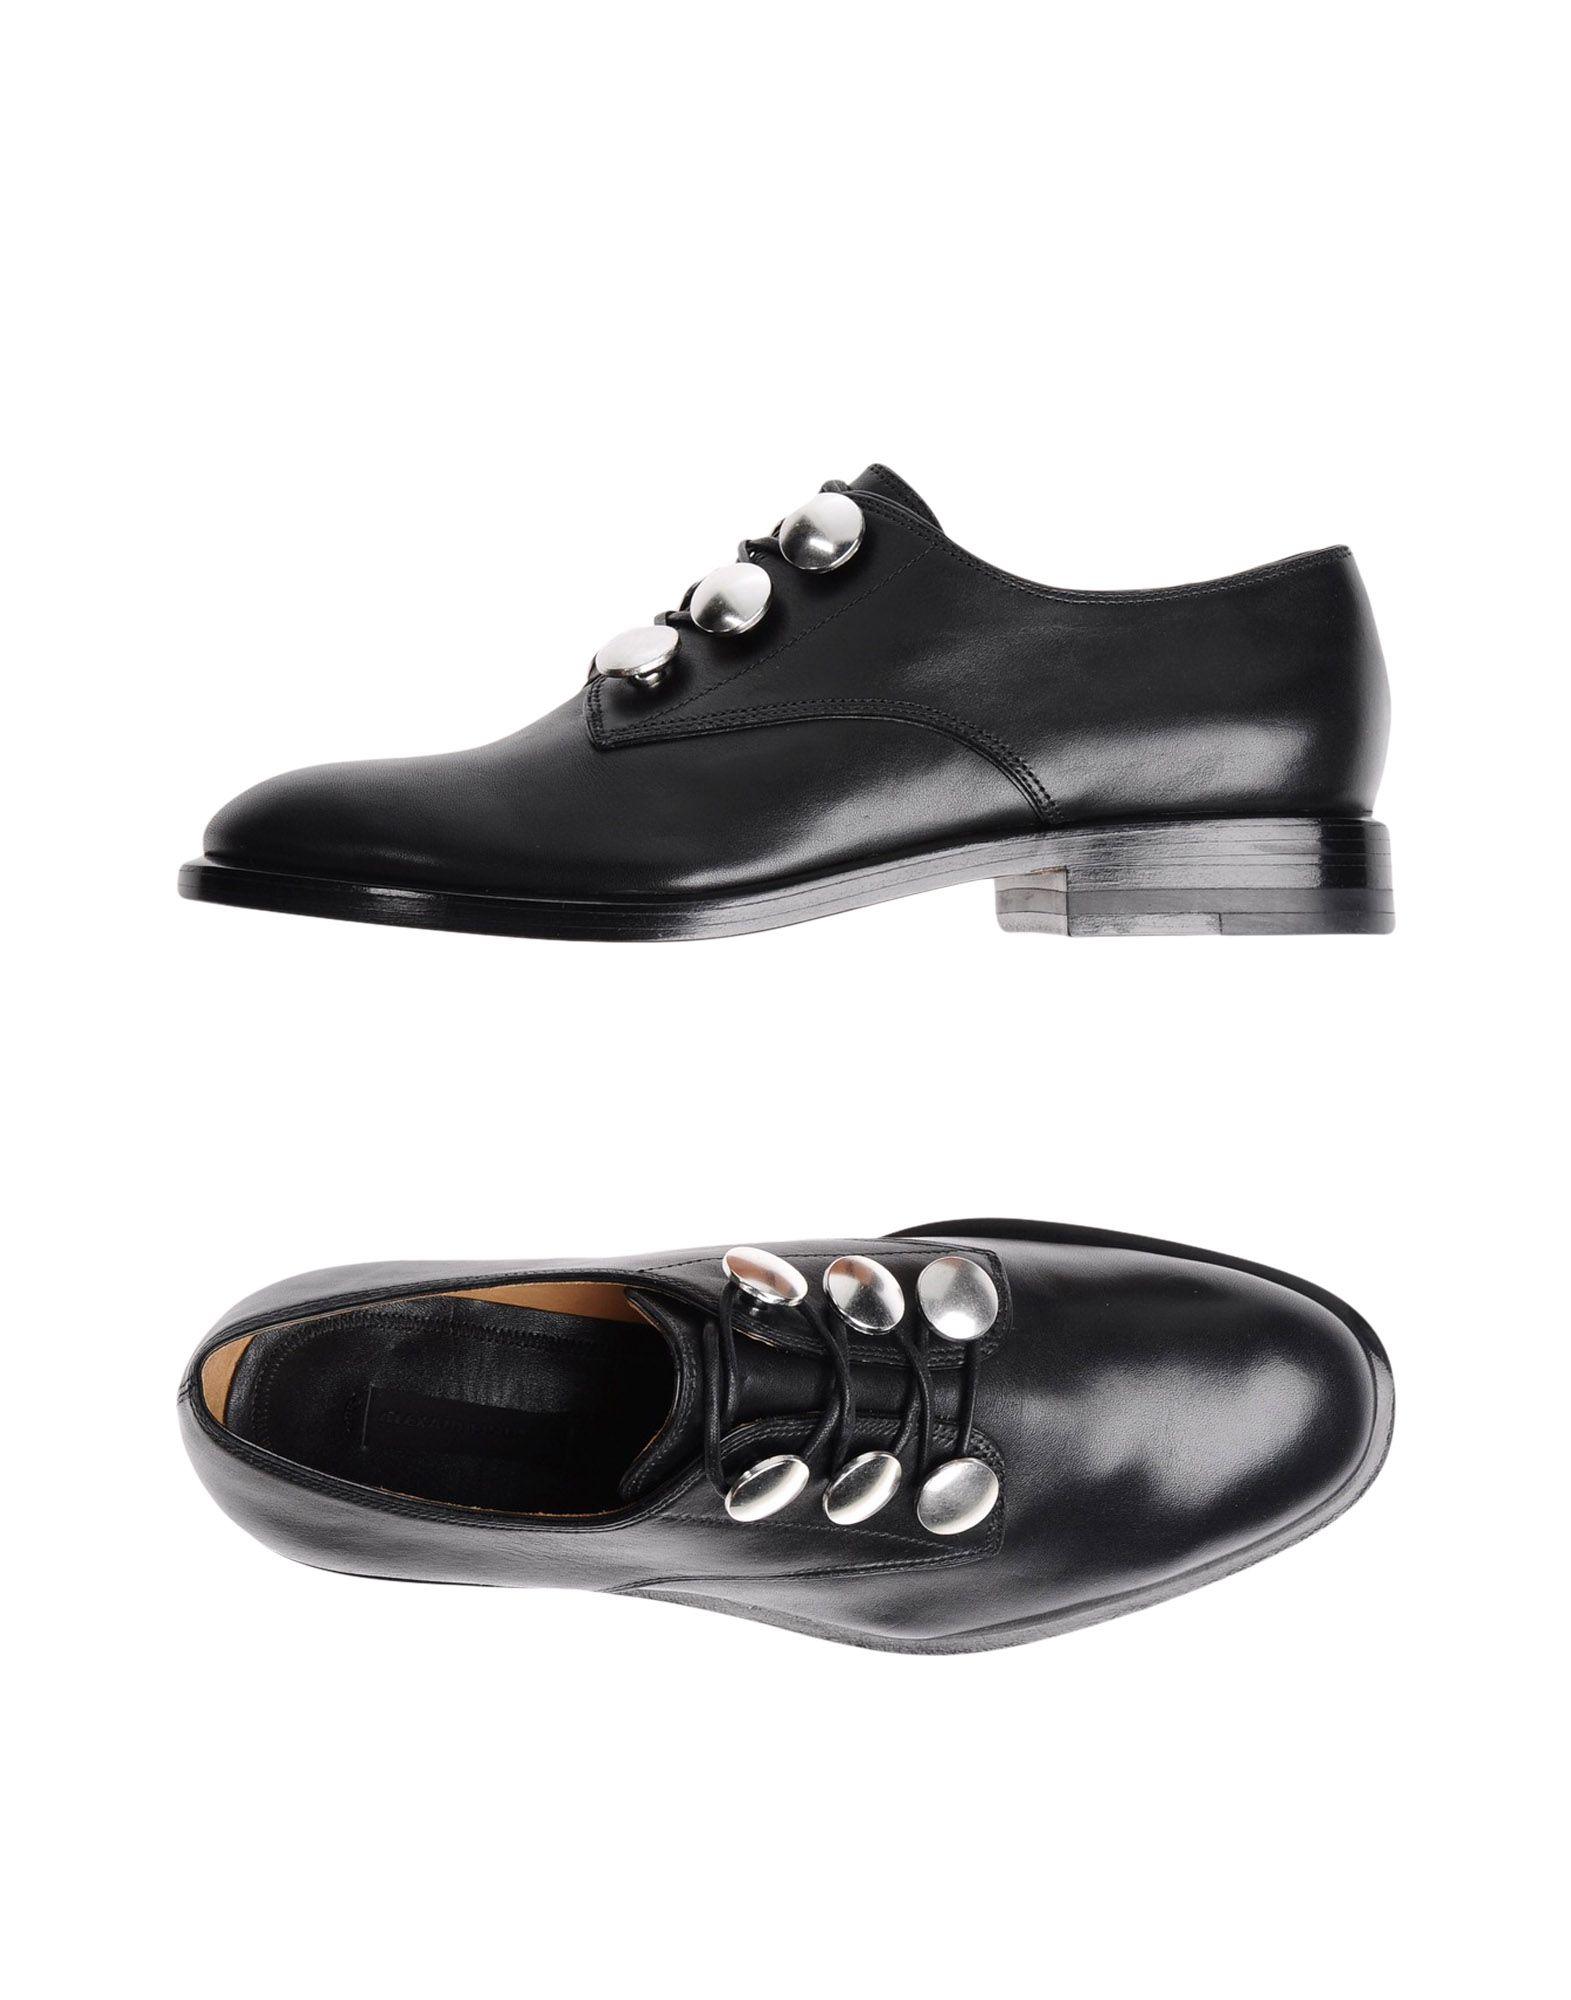 Alexander Wang Schnürschuhe aussehende Damen  11341657SVGünstige gut aussehende Schnürschuhe Schuhe 2901e3